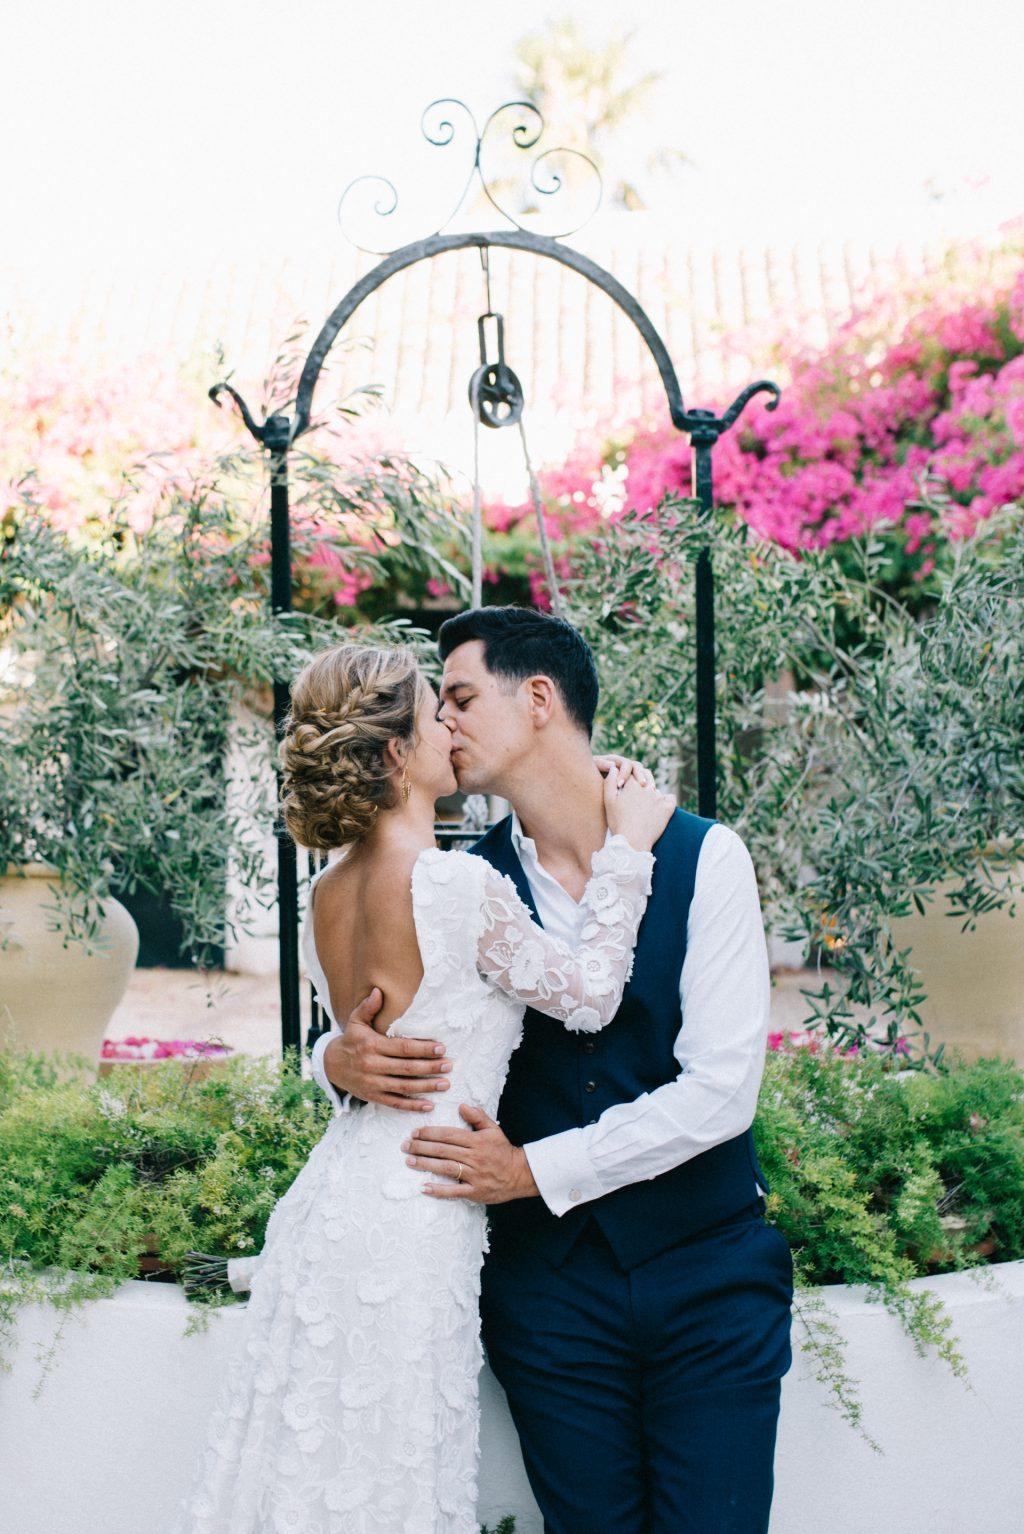 boda civil en hacienda san rafael 12 - La Boda Civil de Géraldine y Jan en Hacienda San Rafael